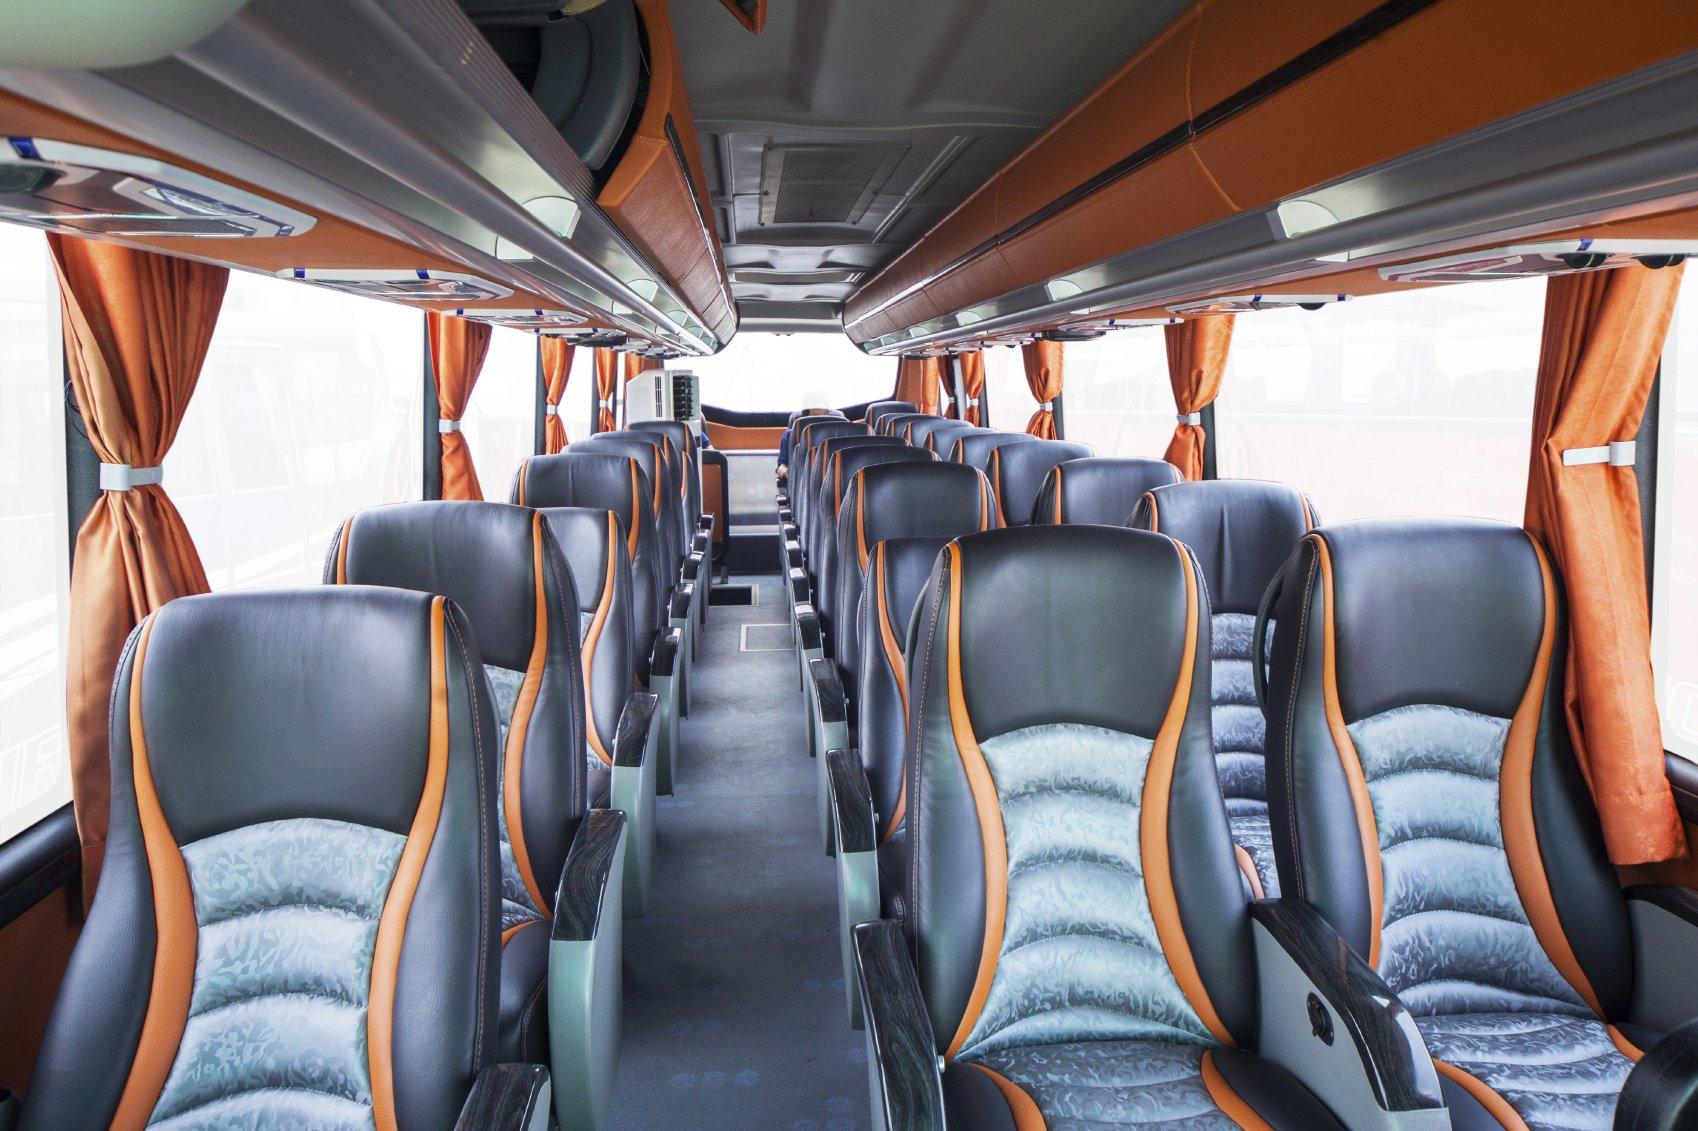 Автосборочный завод в Семее будет производить туристические автобусы, Автосборочный завод, Семей, Туристический автобус